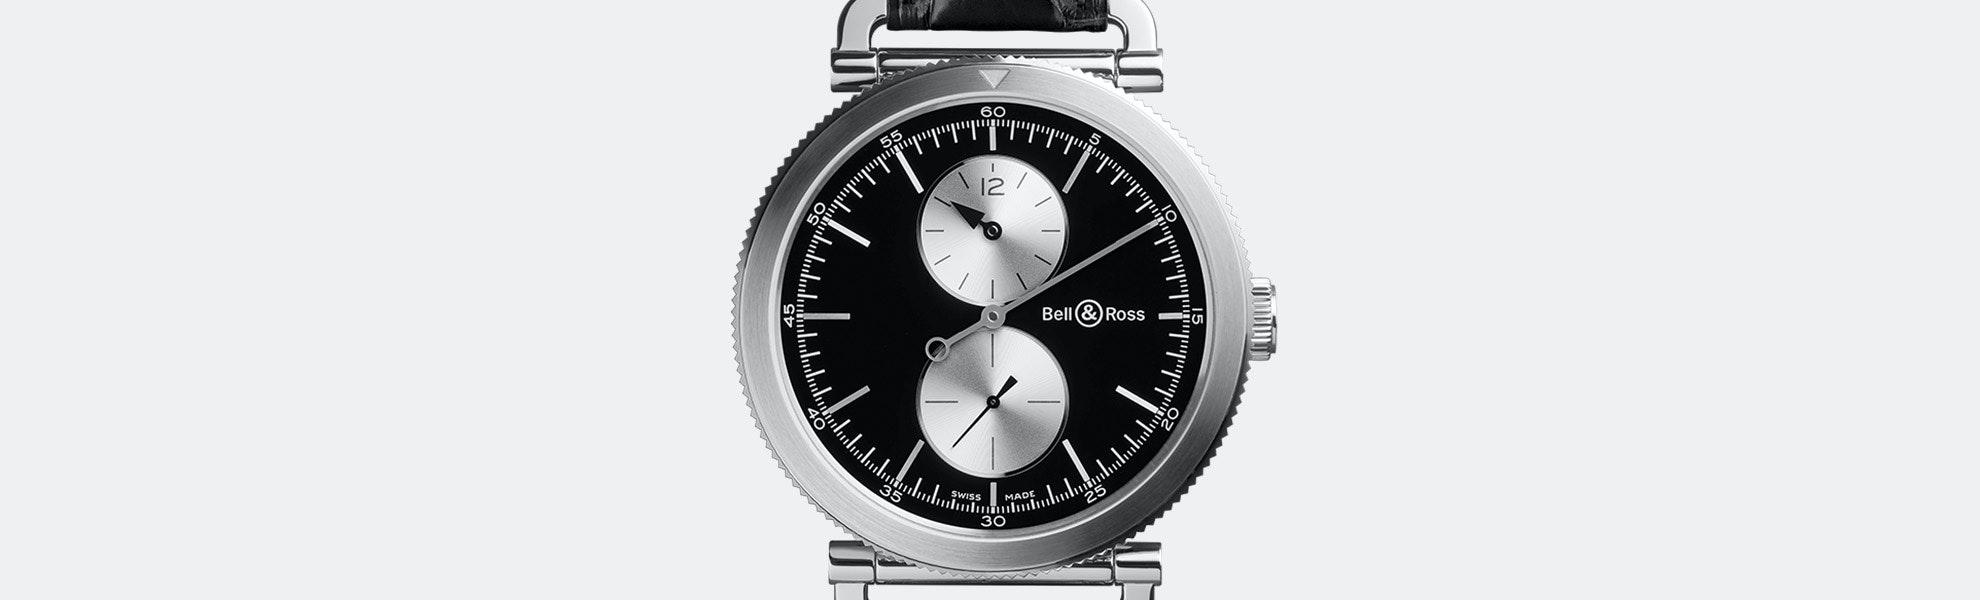 Bell & Ross WW2 Regulateur Officer Automatic Watch